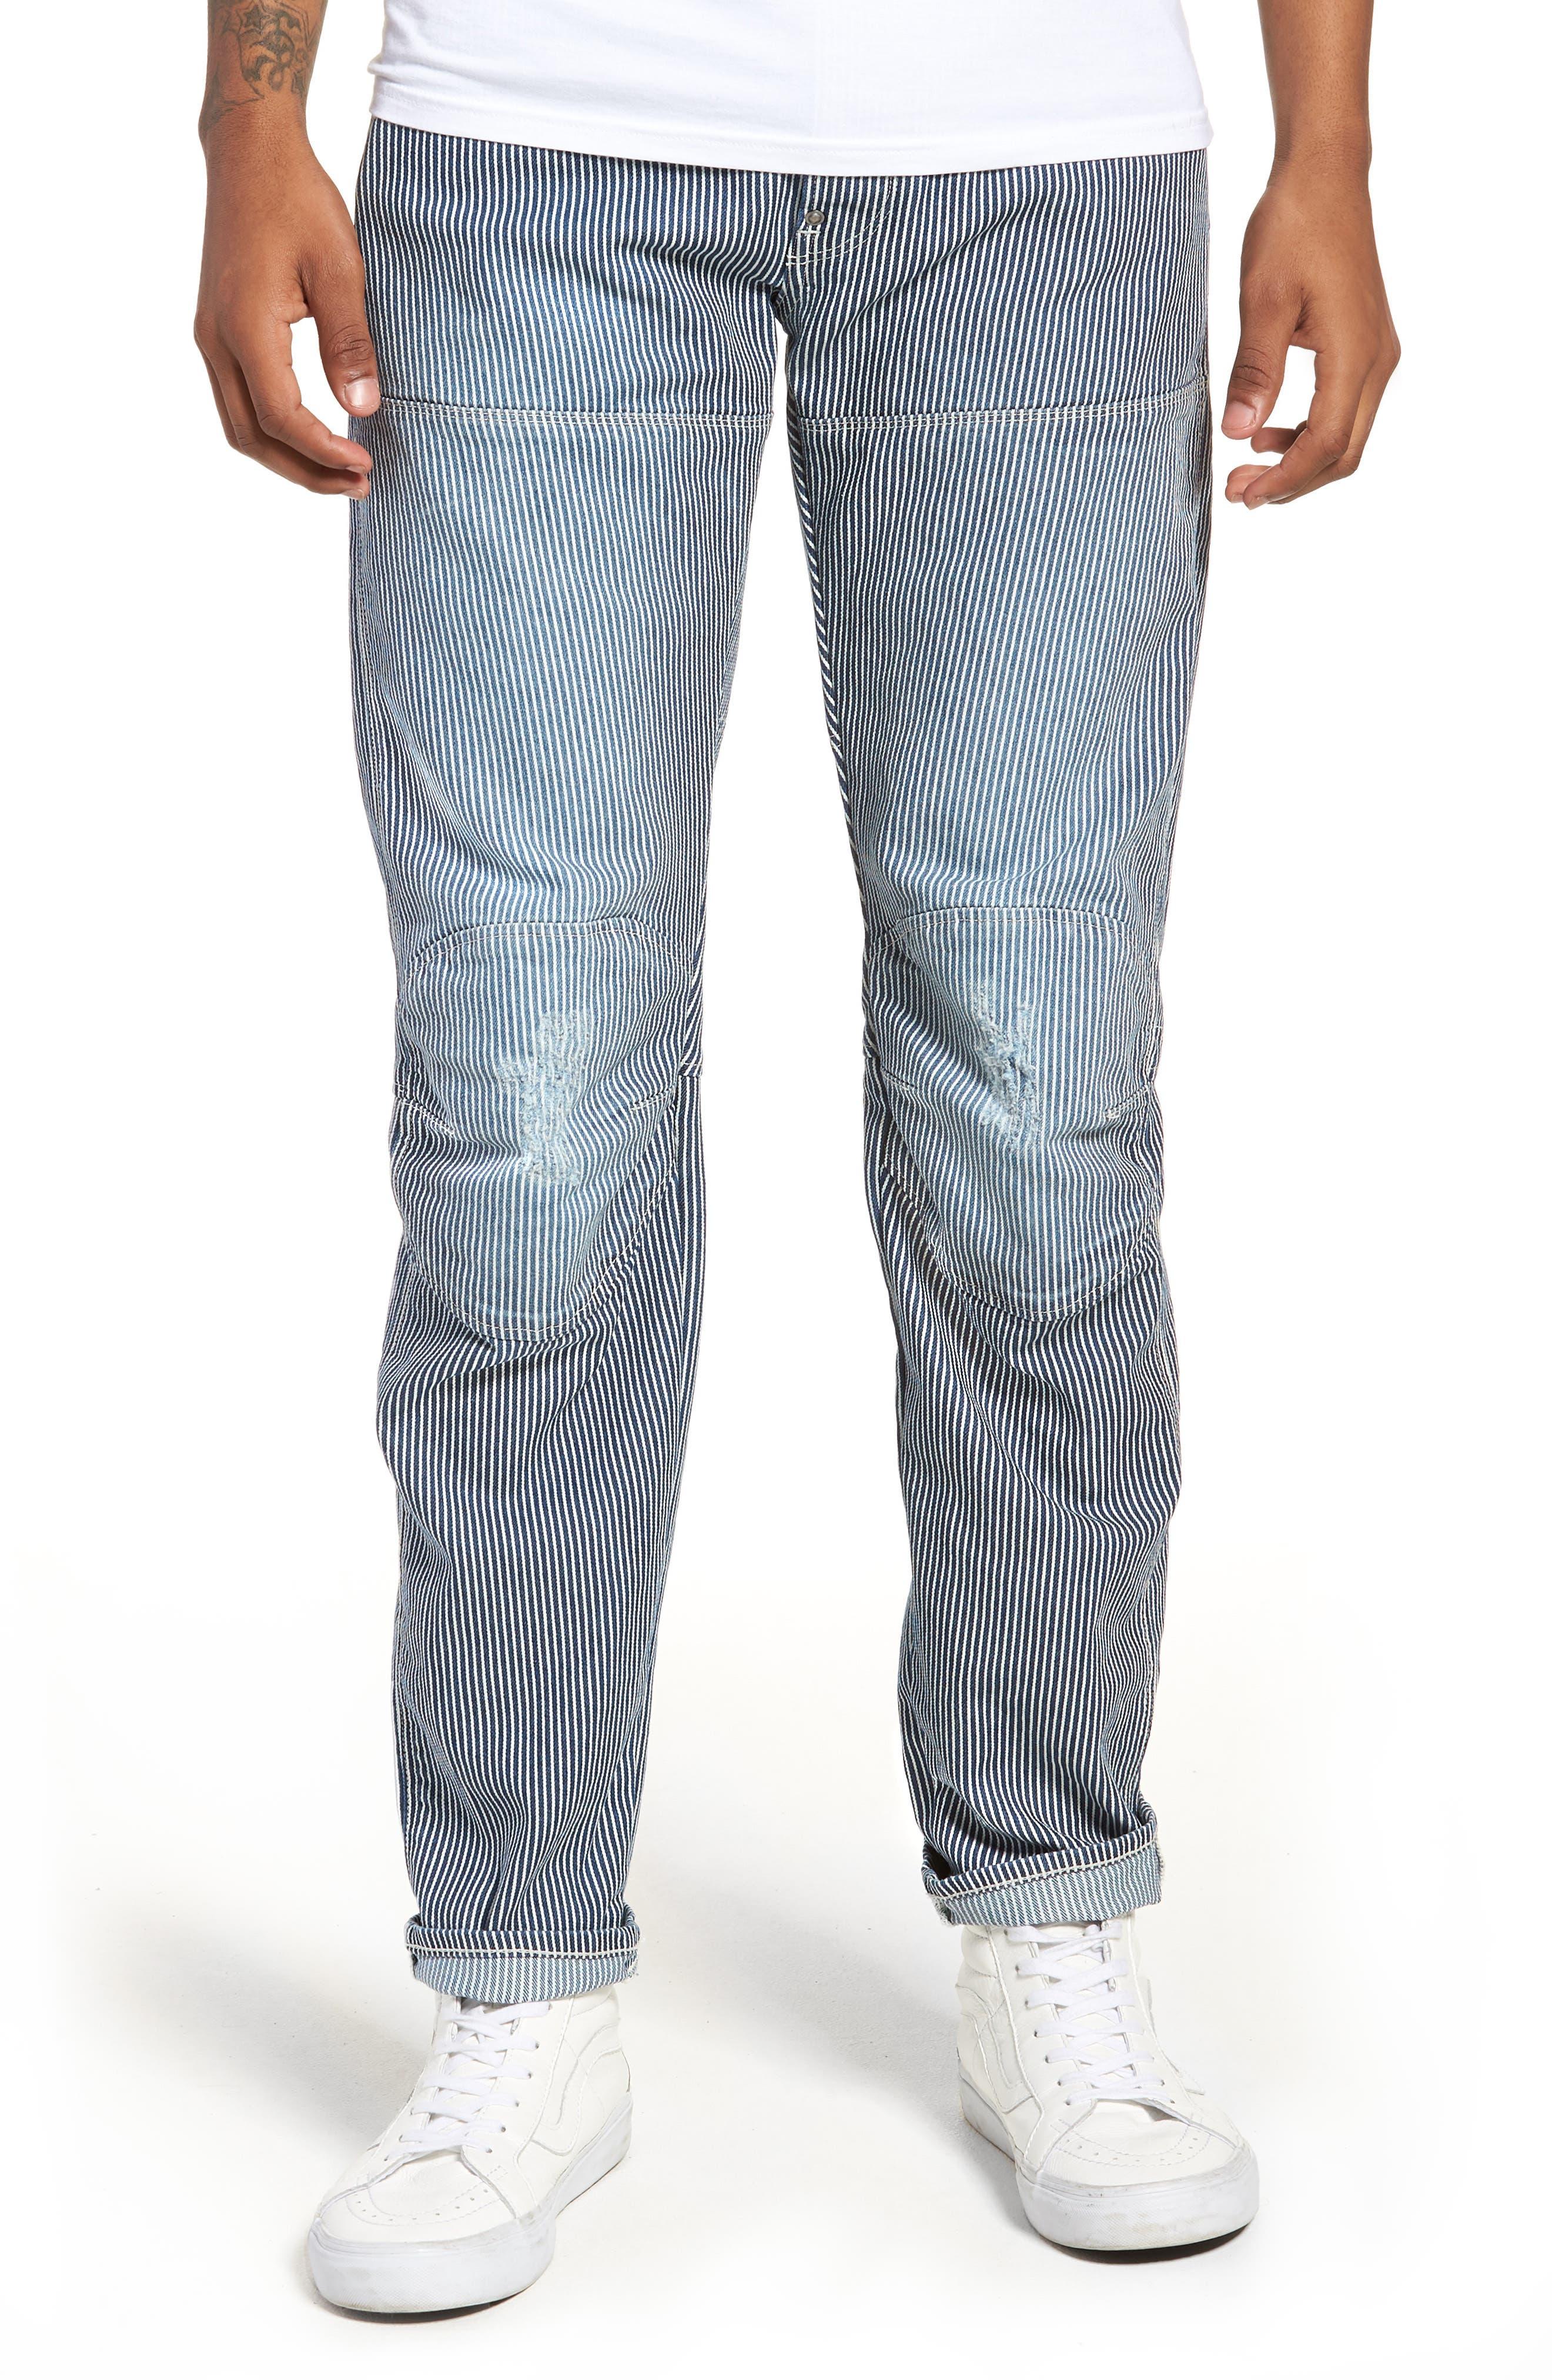 3D Slim Pants,                         Main,                         color, 420